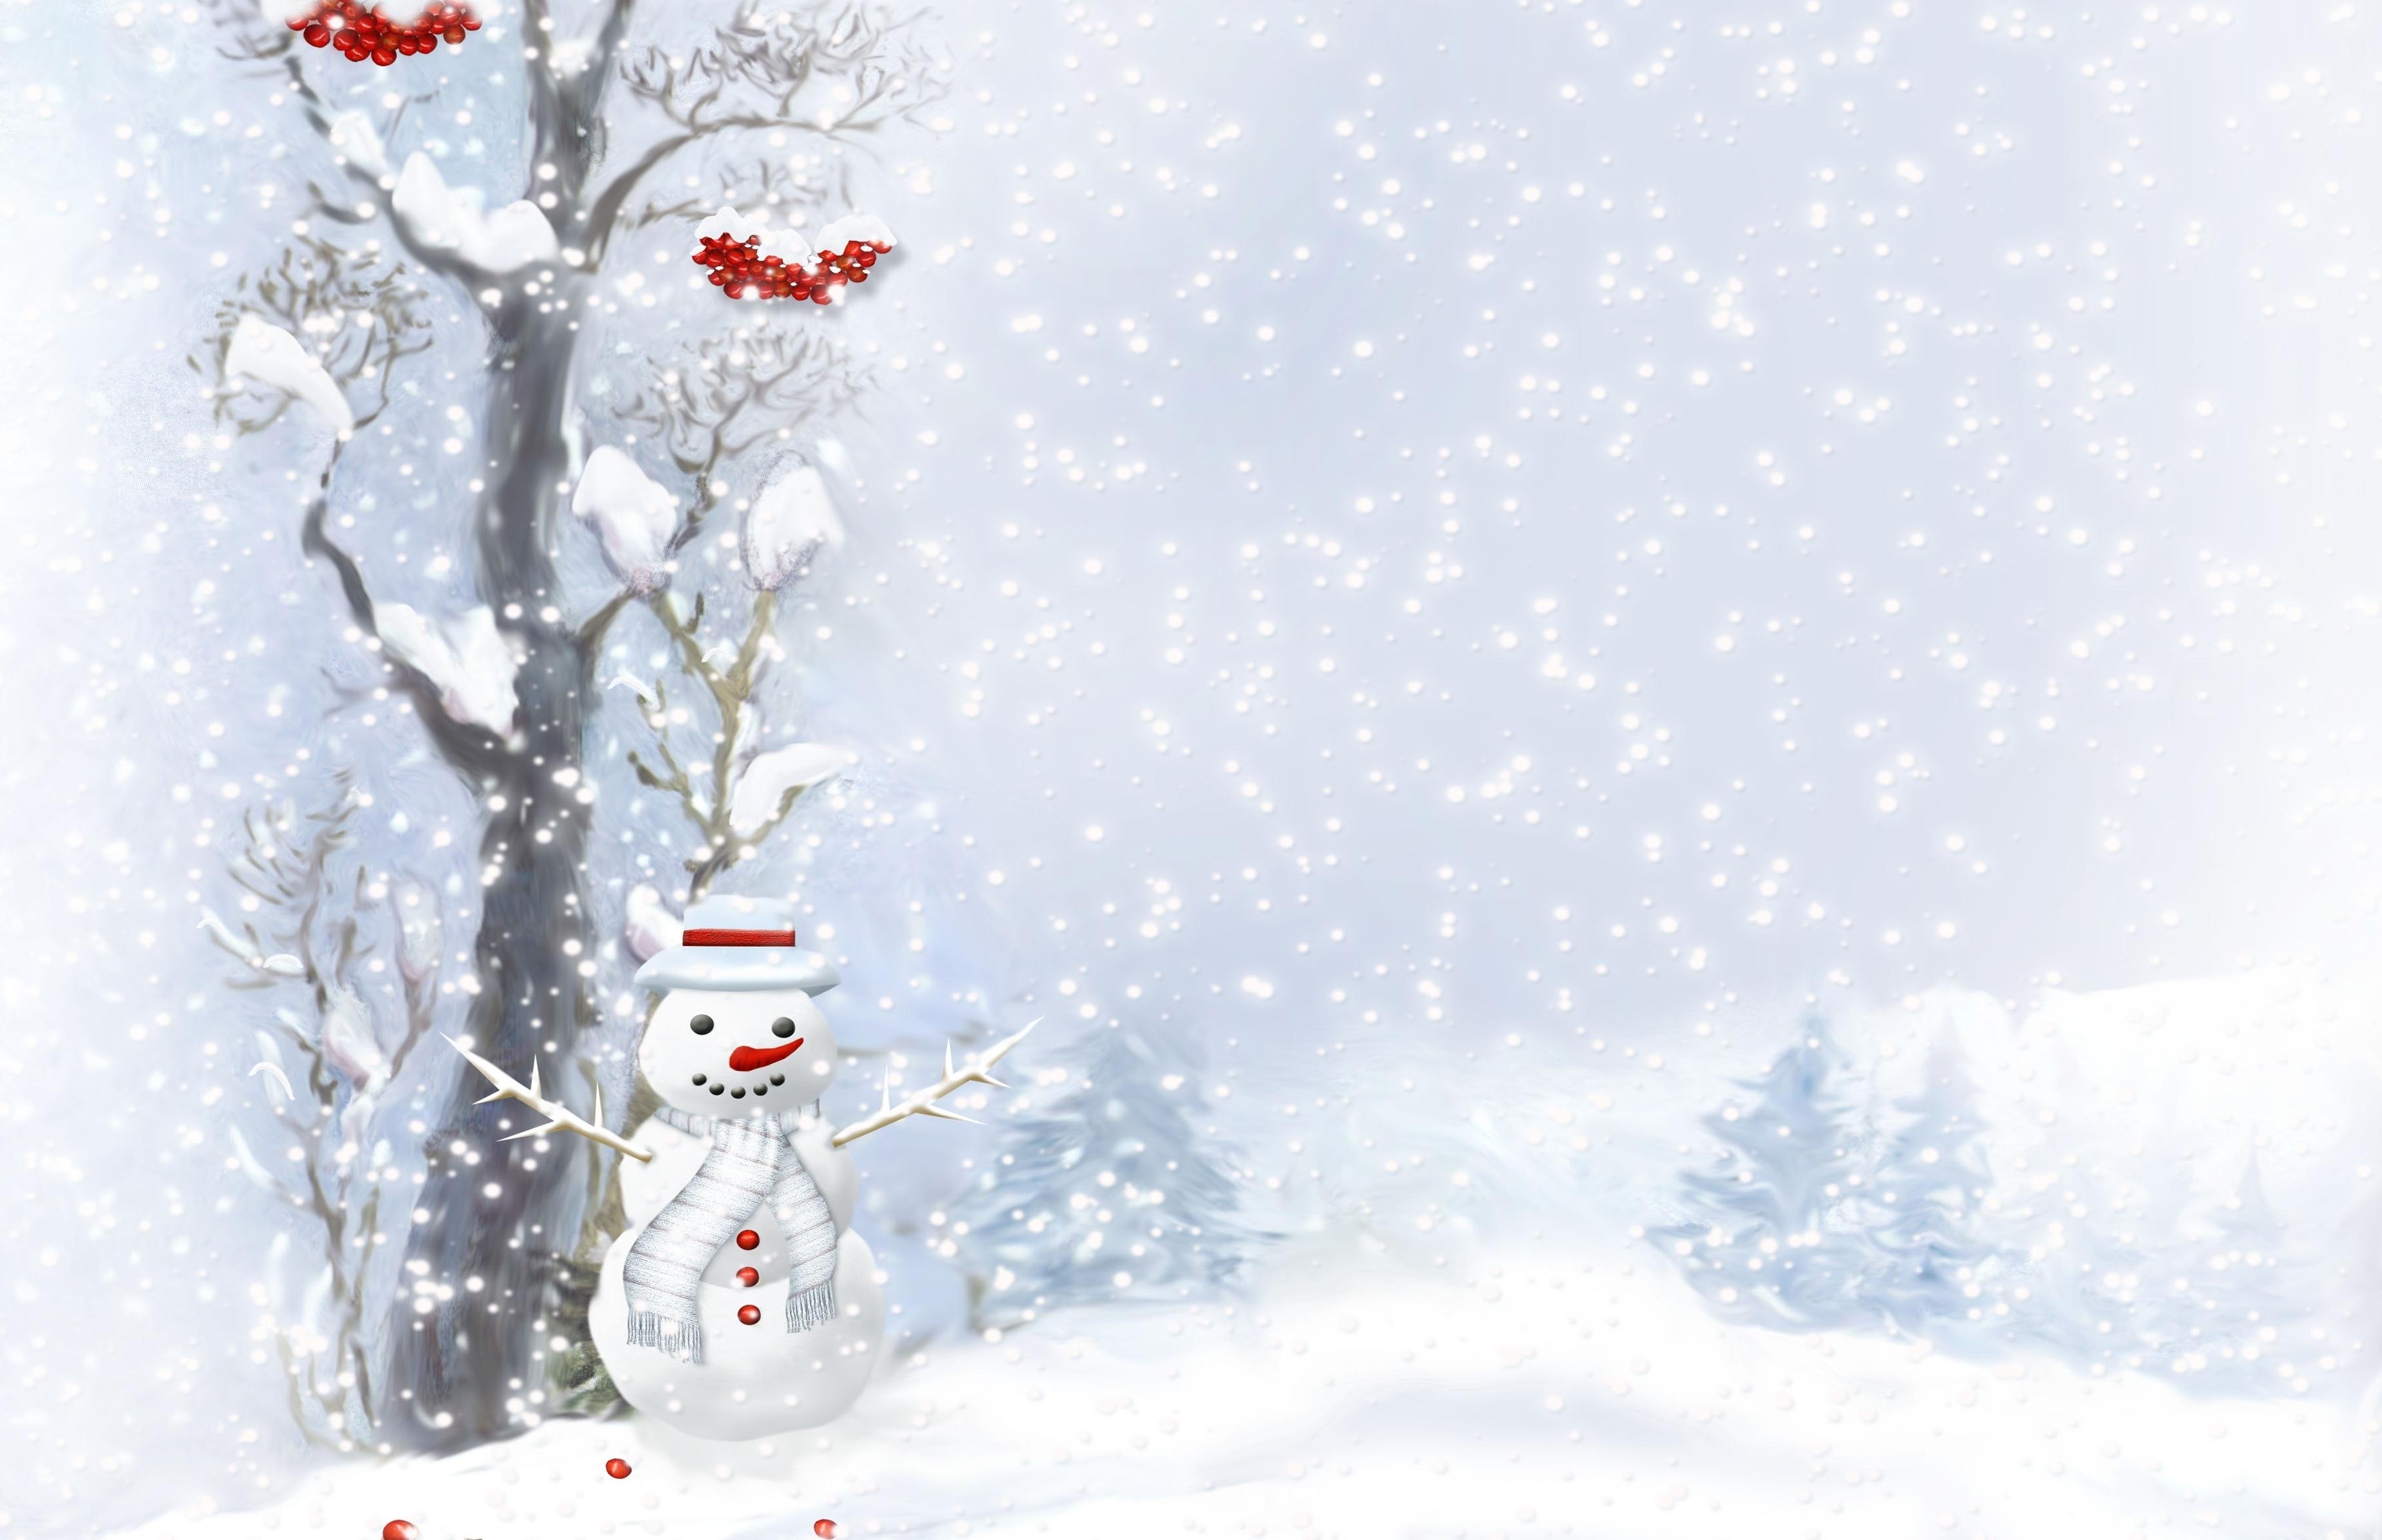 146055 Hintergrundbild herunterladen Feiertage, Berries, Schneemann, Holz, Baum, Tasten, Schaltflächen, Schneefall, Schal, Weihnachtsbäume - Bildschirmschoner und Bilder kostenlos